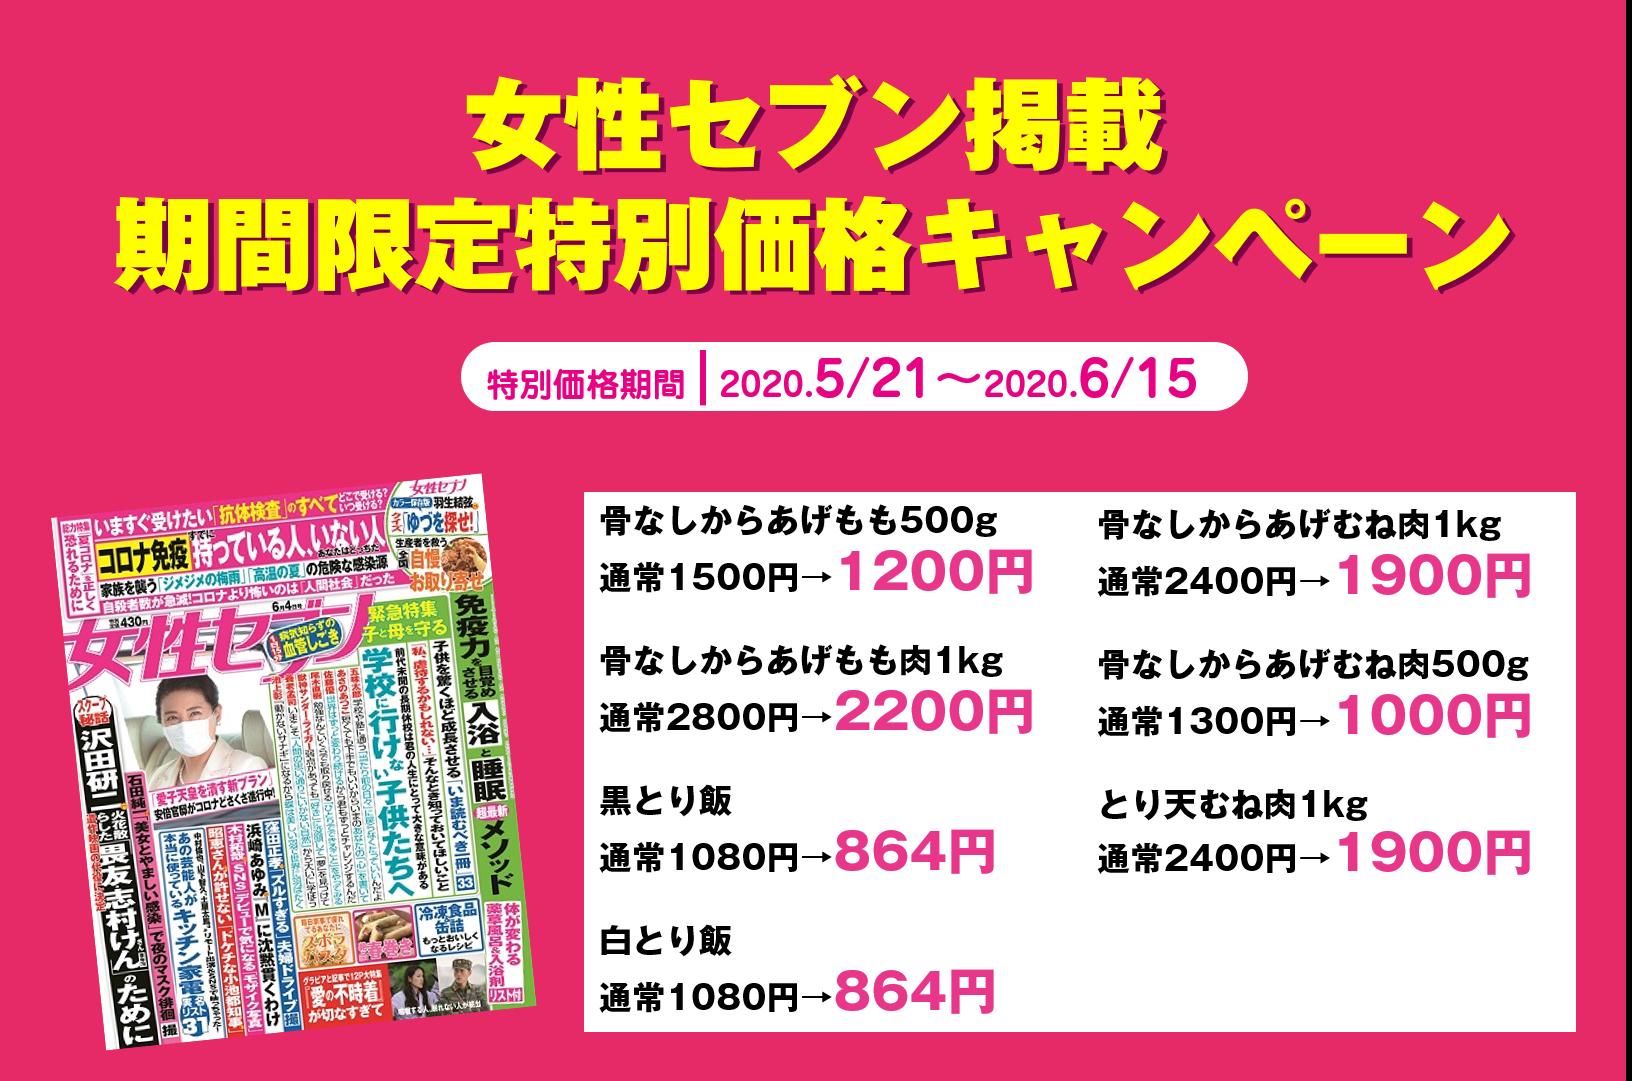 【期間限定】女性セブン掲載2大特別キャンペーン開催!!